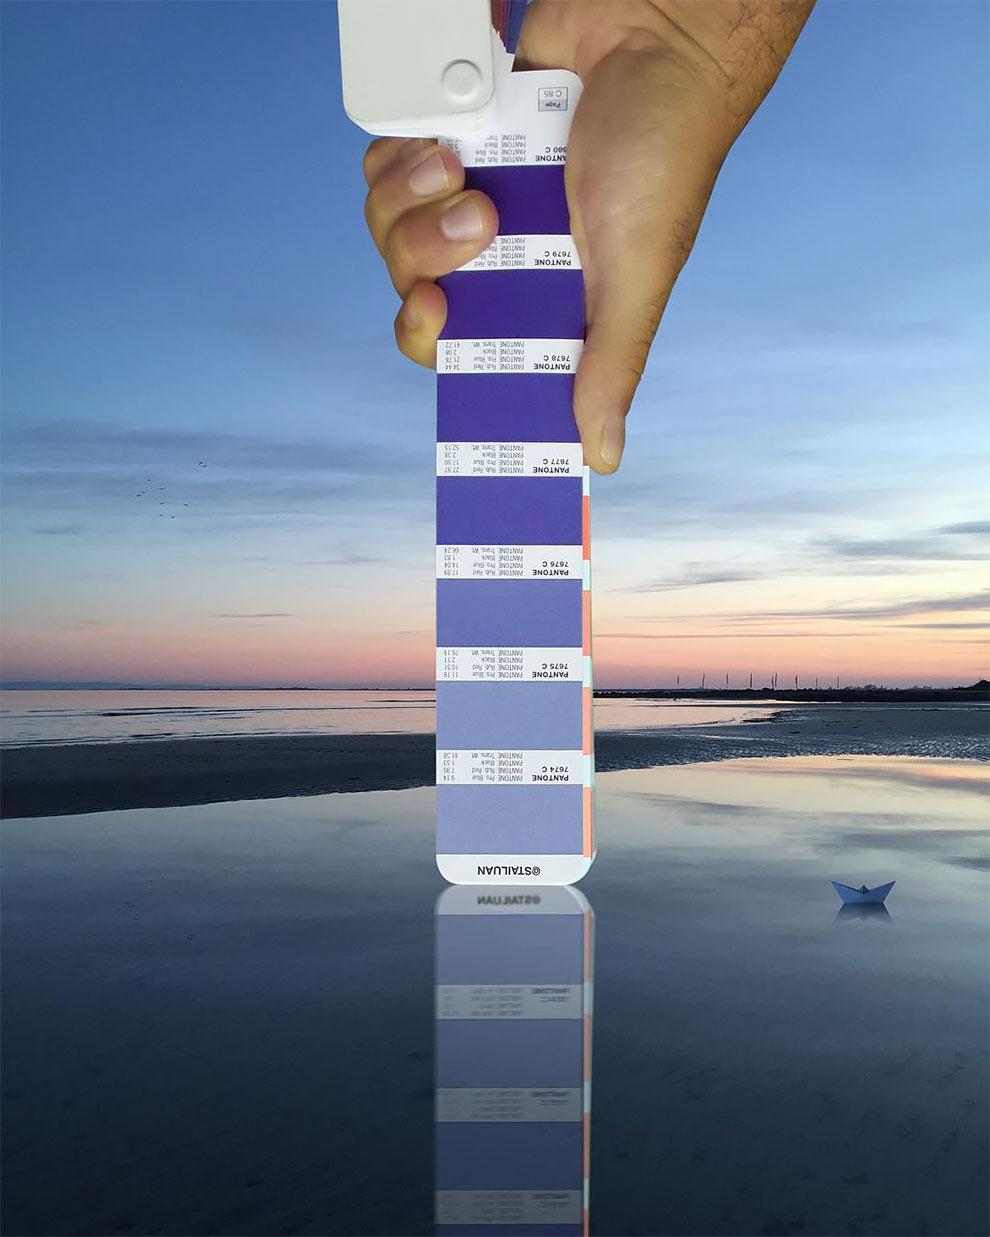 Ręka trzymająca próbnik niebieskich kolorów Pantone na tle zachodu słońca